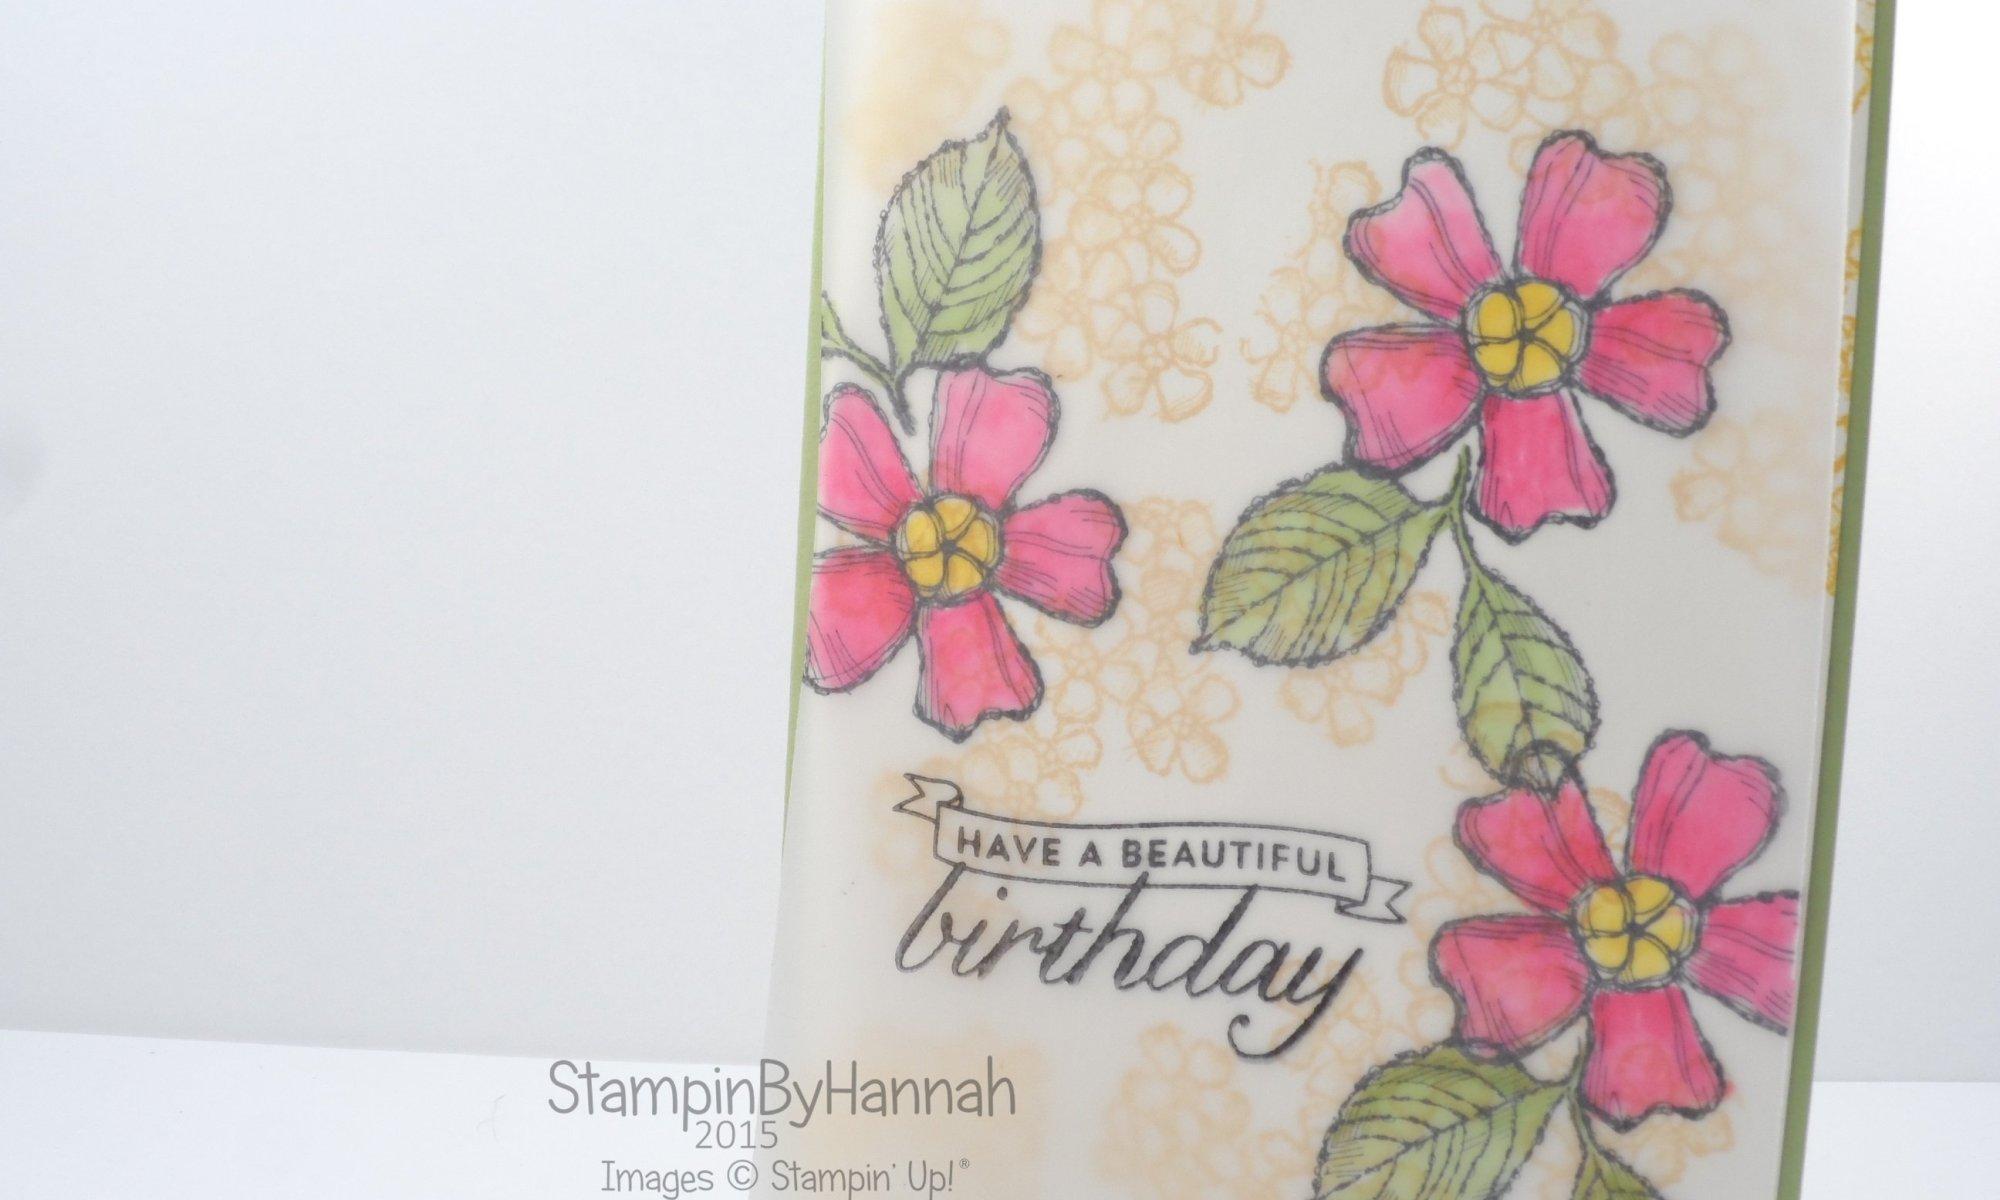 Stampin' Up! UK Blender Pens on vellum